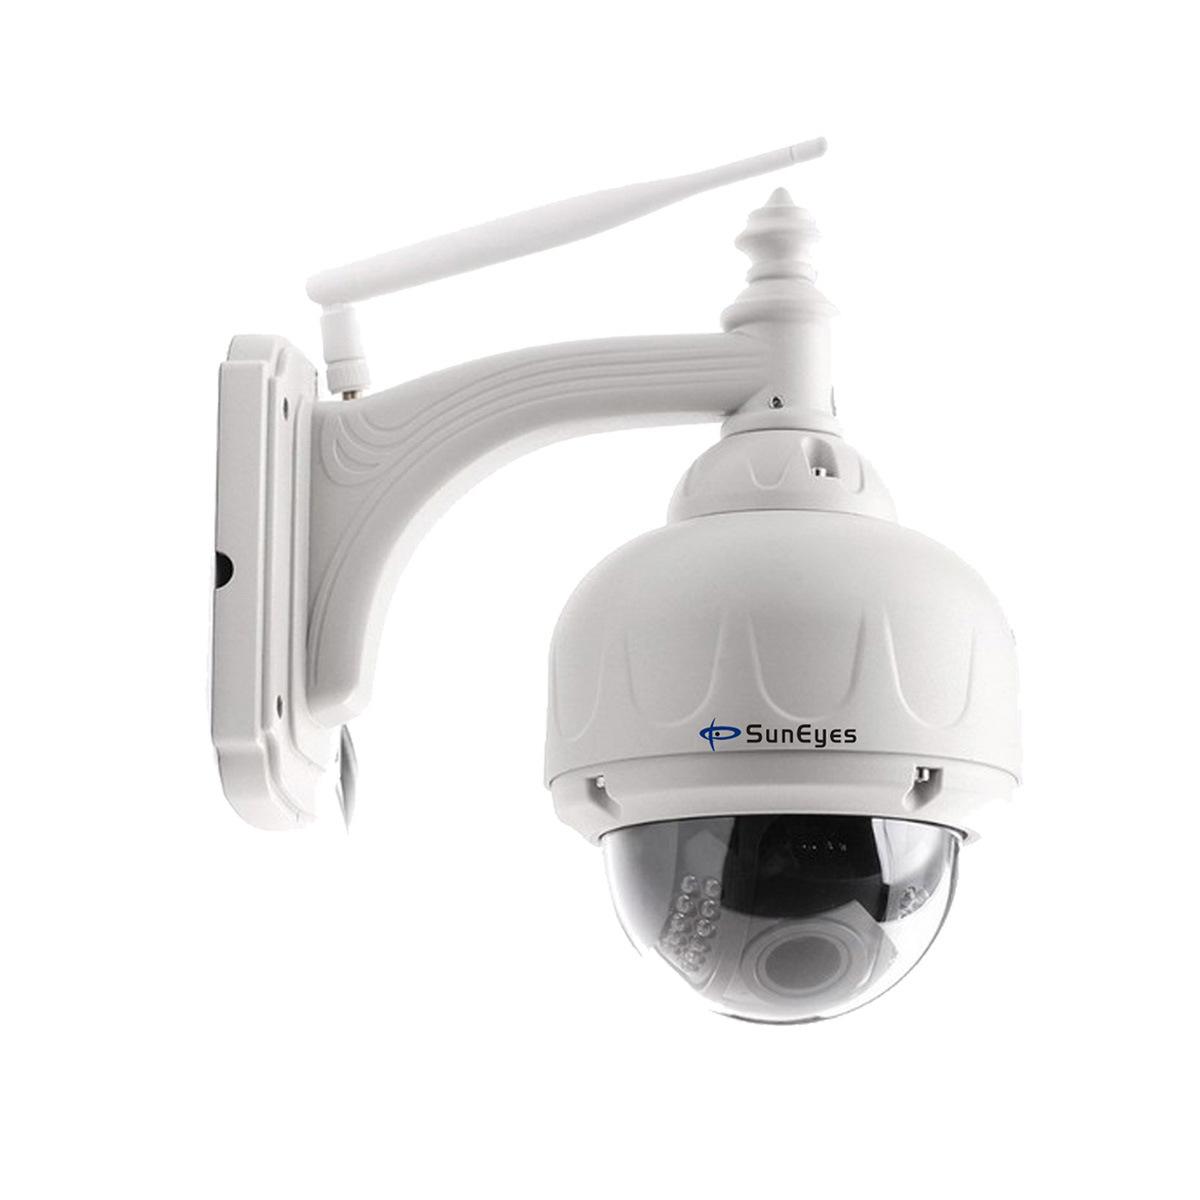 无线变焦网络监控摄像机室外半球机云台自动聚焦 suneyes 网络摄像机